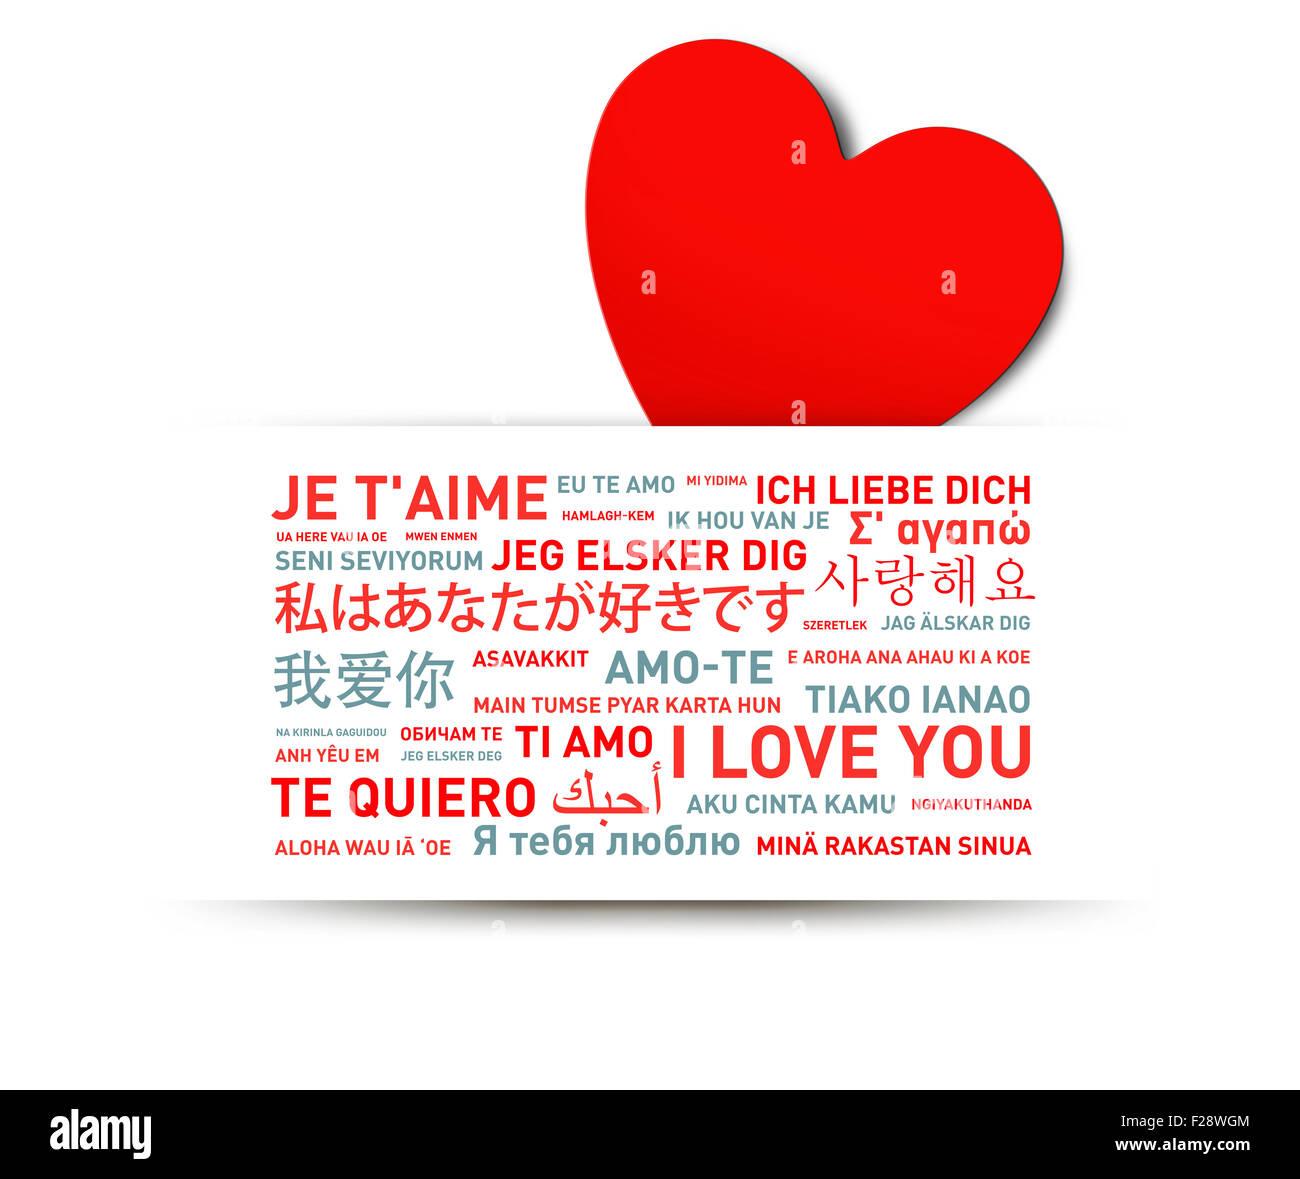 Love you traducir a español